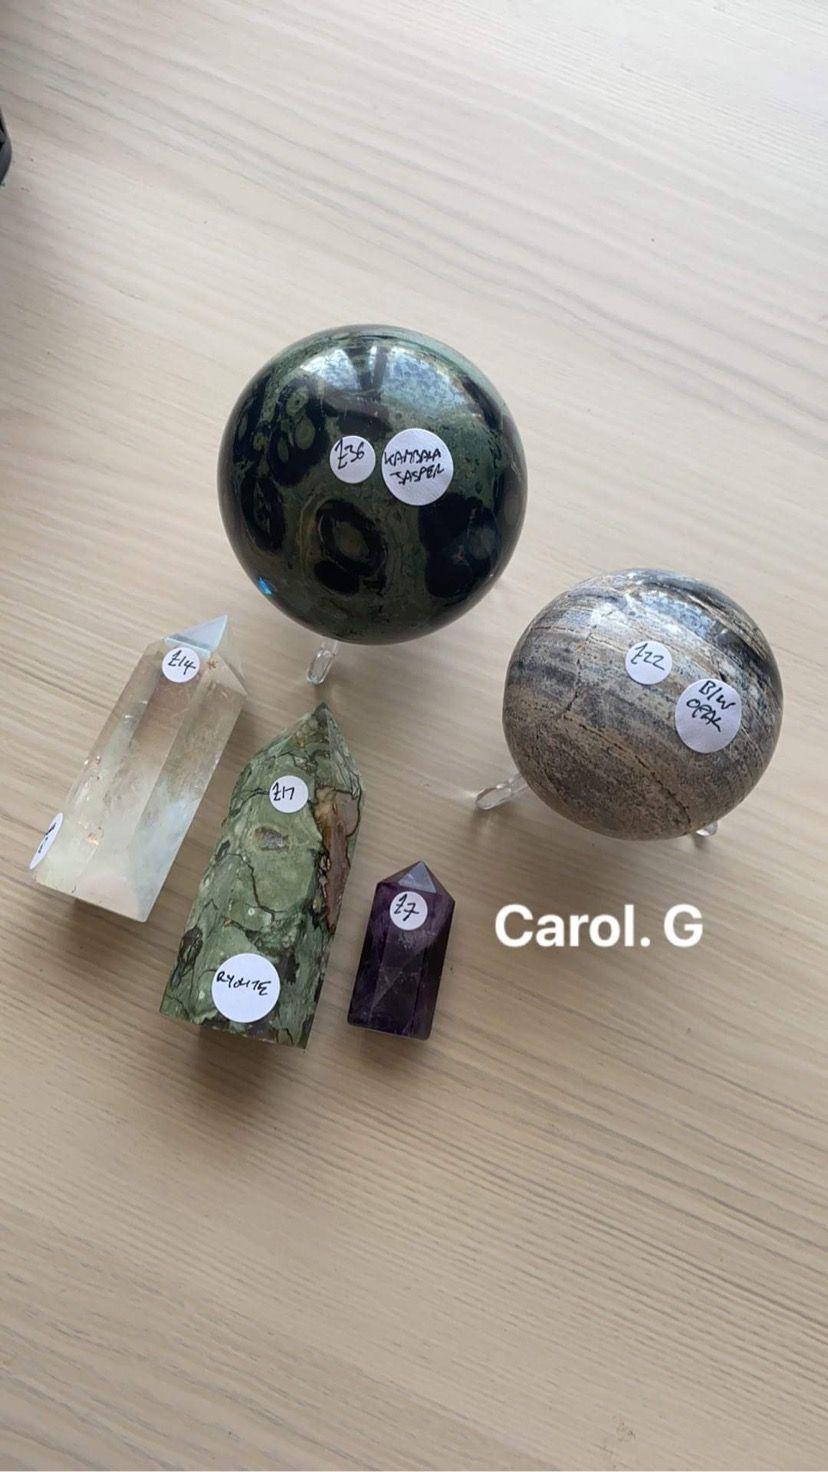 Order for Carol G - September 21